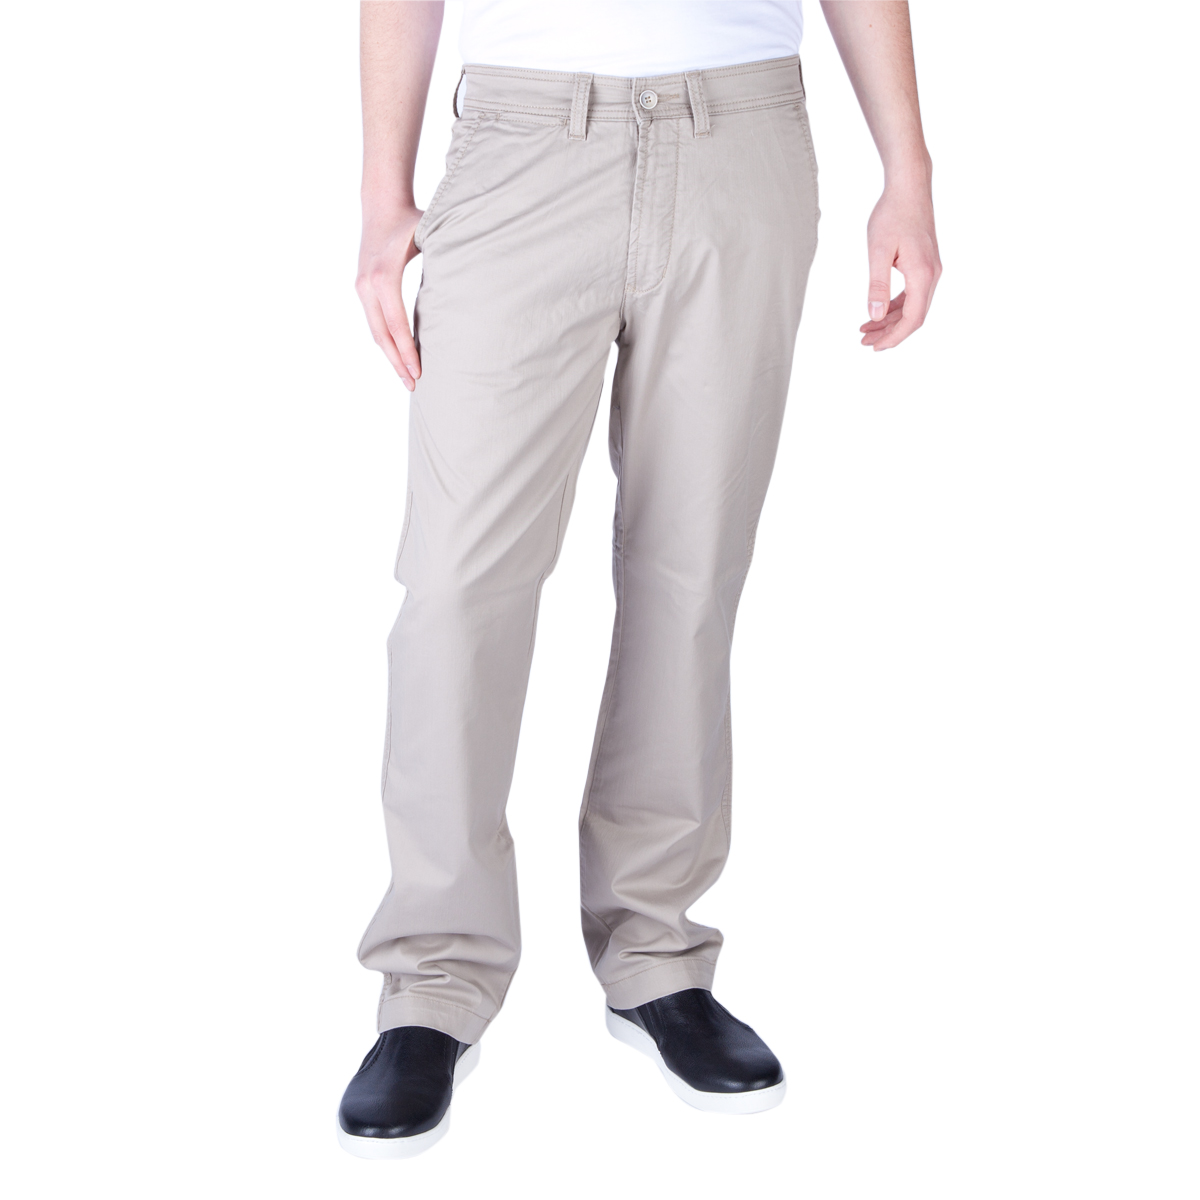 pioneer jeans herren jeanshose hosen div farben mod w 30 50 l 30 38 ebay. Black Bedroom Furniture Sets. Home Design Ideas